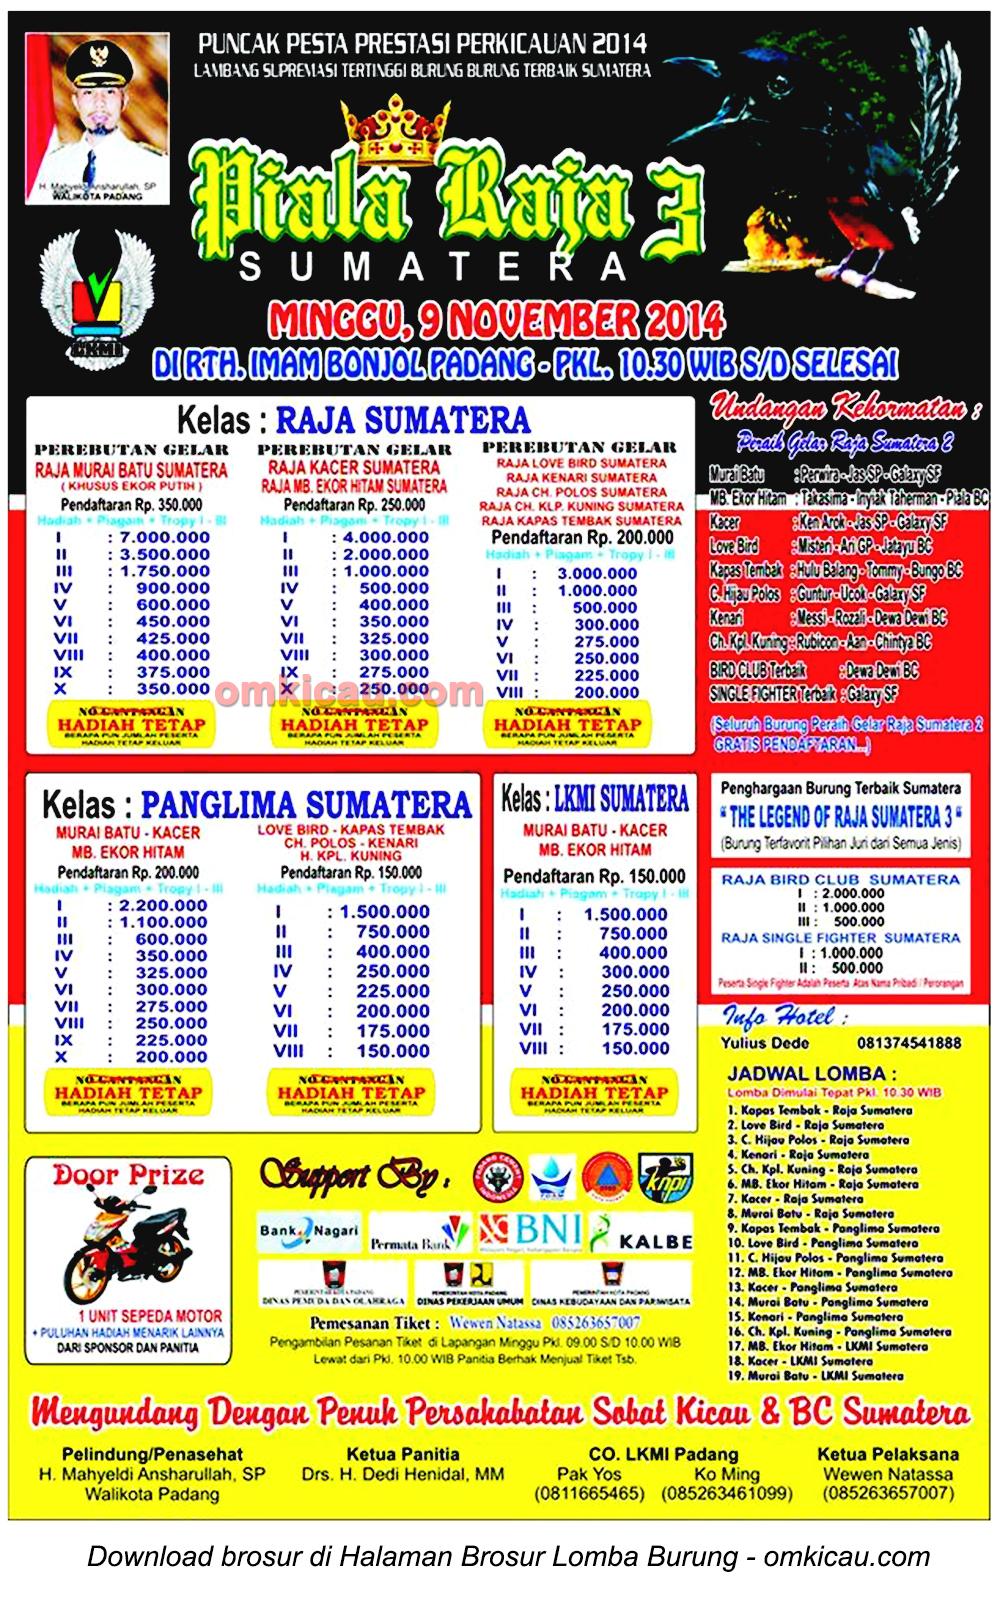 Brosur Lomba Burung Berkicau Piala Raja Sumatera 3, Padang, 9 November 2014